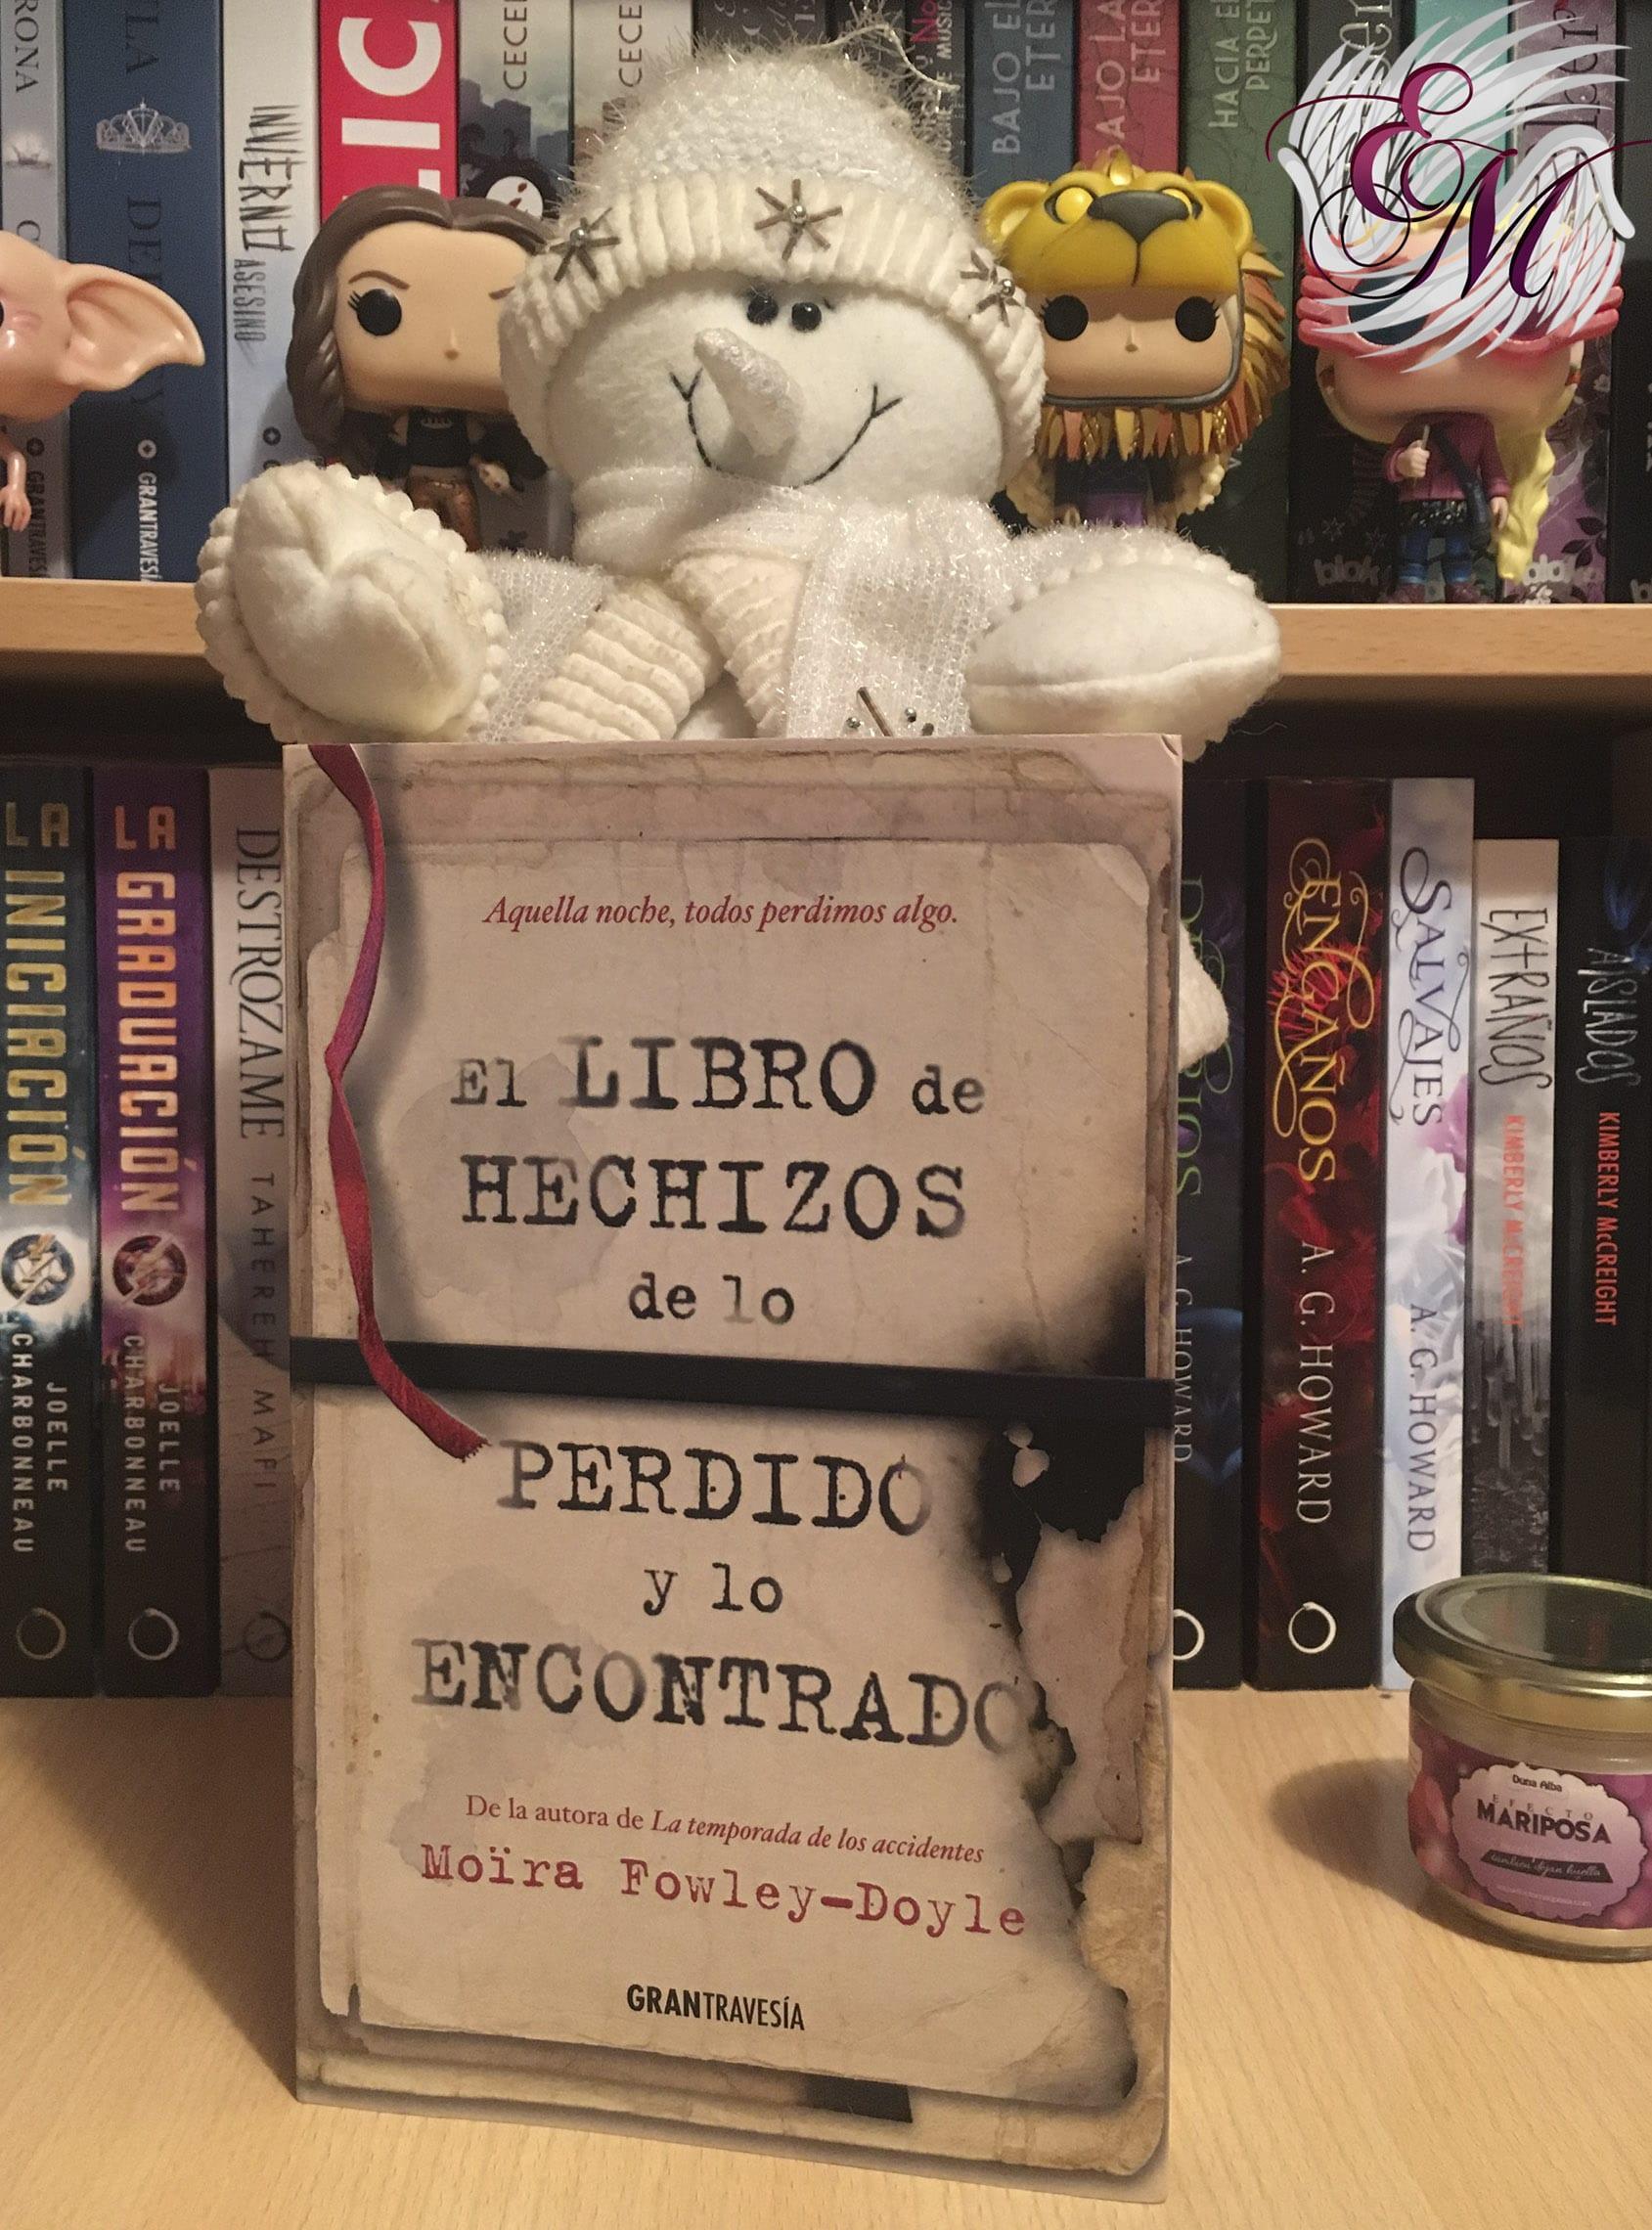 El libro de hechizos de lo perdido y lo encontrado, de Moïra Fowley-Doyle - Reseña